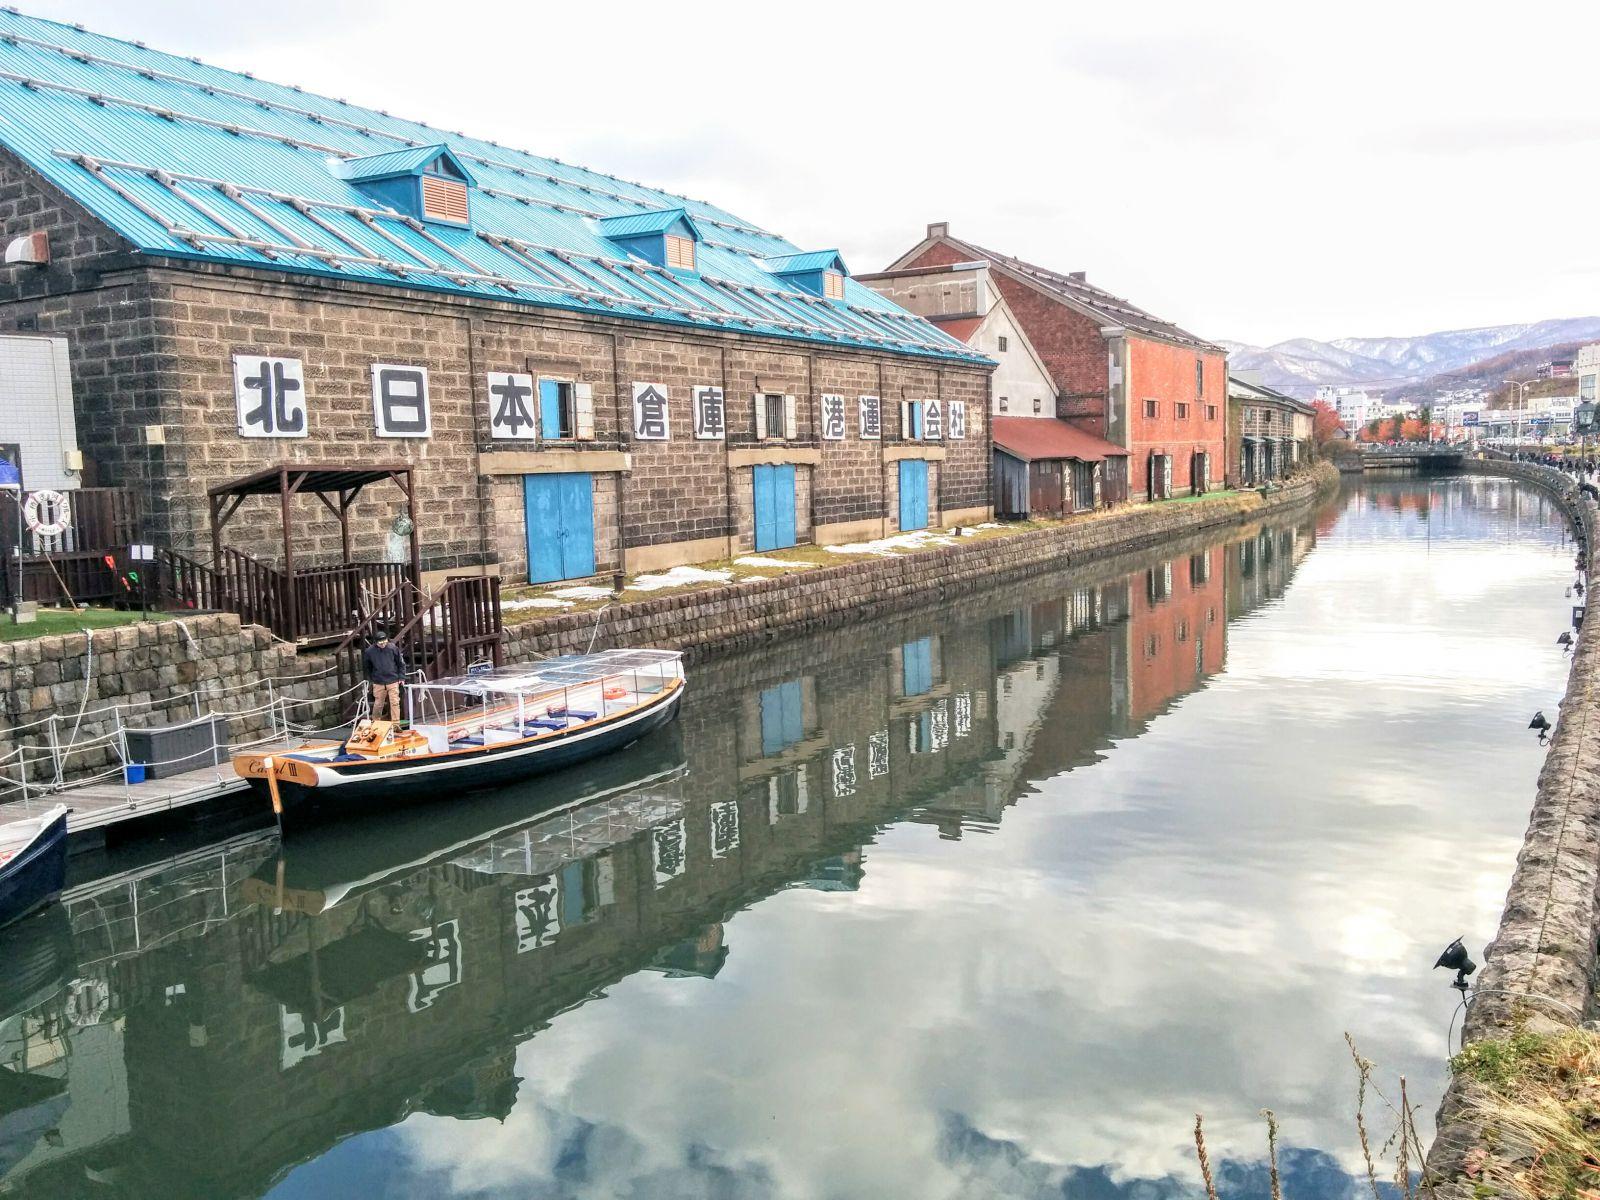 小樽での観光タクシーのご利用は個人髙橋タクシーへ!!運河観光案内です。